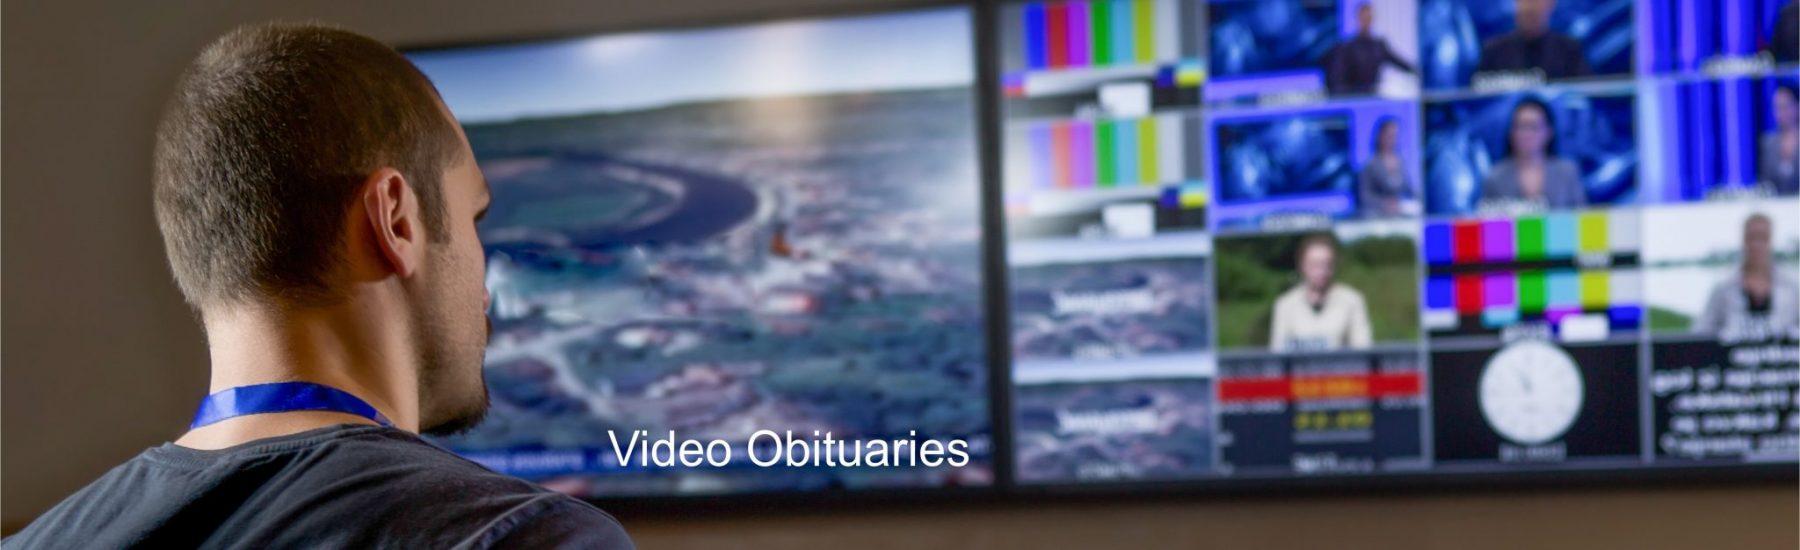 Video Obituaries